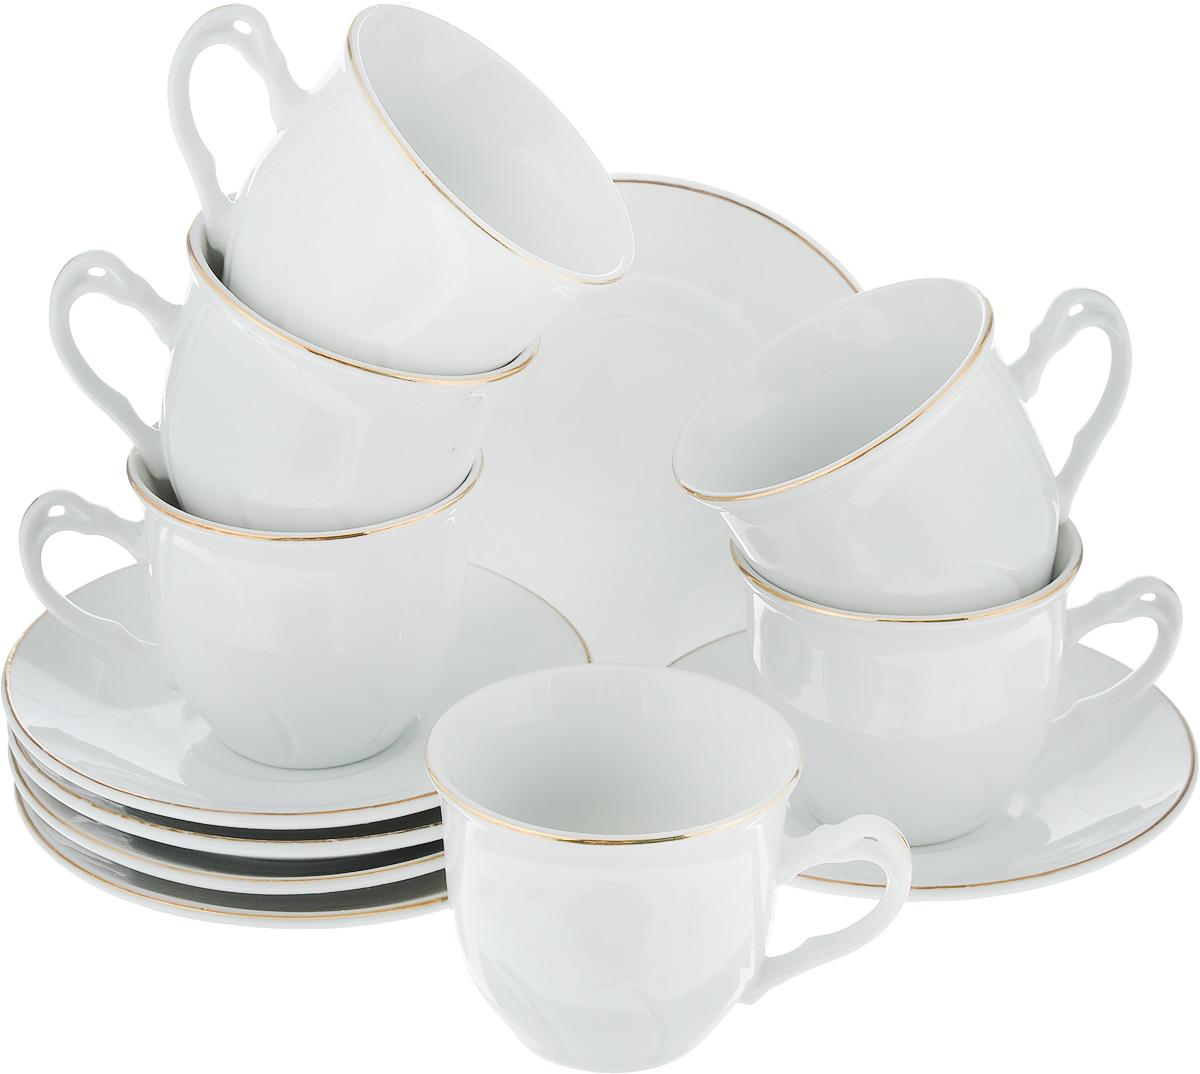 Набор кофейный Loraine, 12 предметов. 2560725607Кофейный набор Loraine состоит из 6 чашек и 6 блюдец. Изделия выполнены из высококачественного фарфора и имеют белый цвет с золотым декором. Такой набор прекрасно подойдет как для повседневного использования, так и для праздников. Набор Loraine - это не только яркий и полезный подарок для родных и близких, а также великолепное дизайнерское решение для вашей кухни или столовой. Набор упакован в подарочную коробку. Диаметр чашки (по верхнему краю): 6,5 см. Высота чашки: 5,5 см. Диаметр блюдца (по верхнему краю): 11 см. Высота блюдца: 1,5 см. Объем чашки: 90 мл.